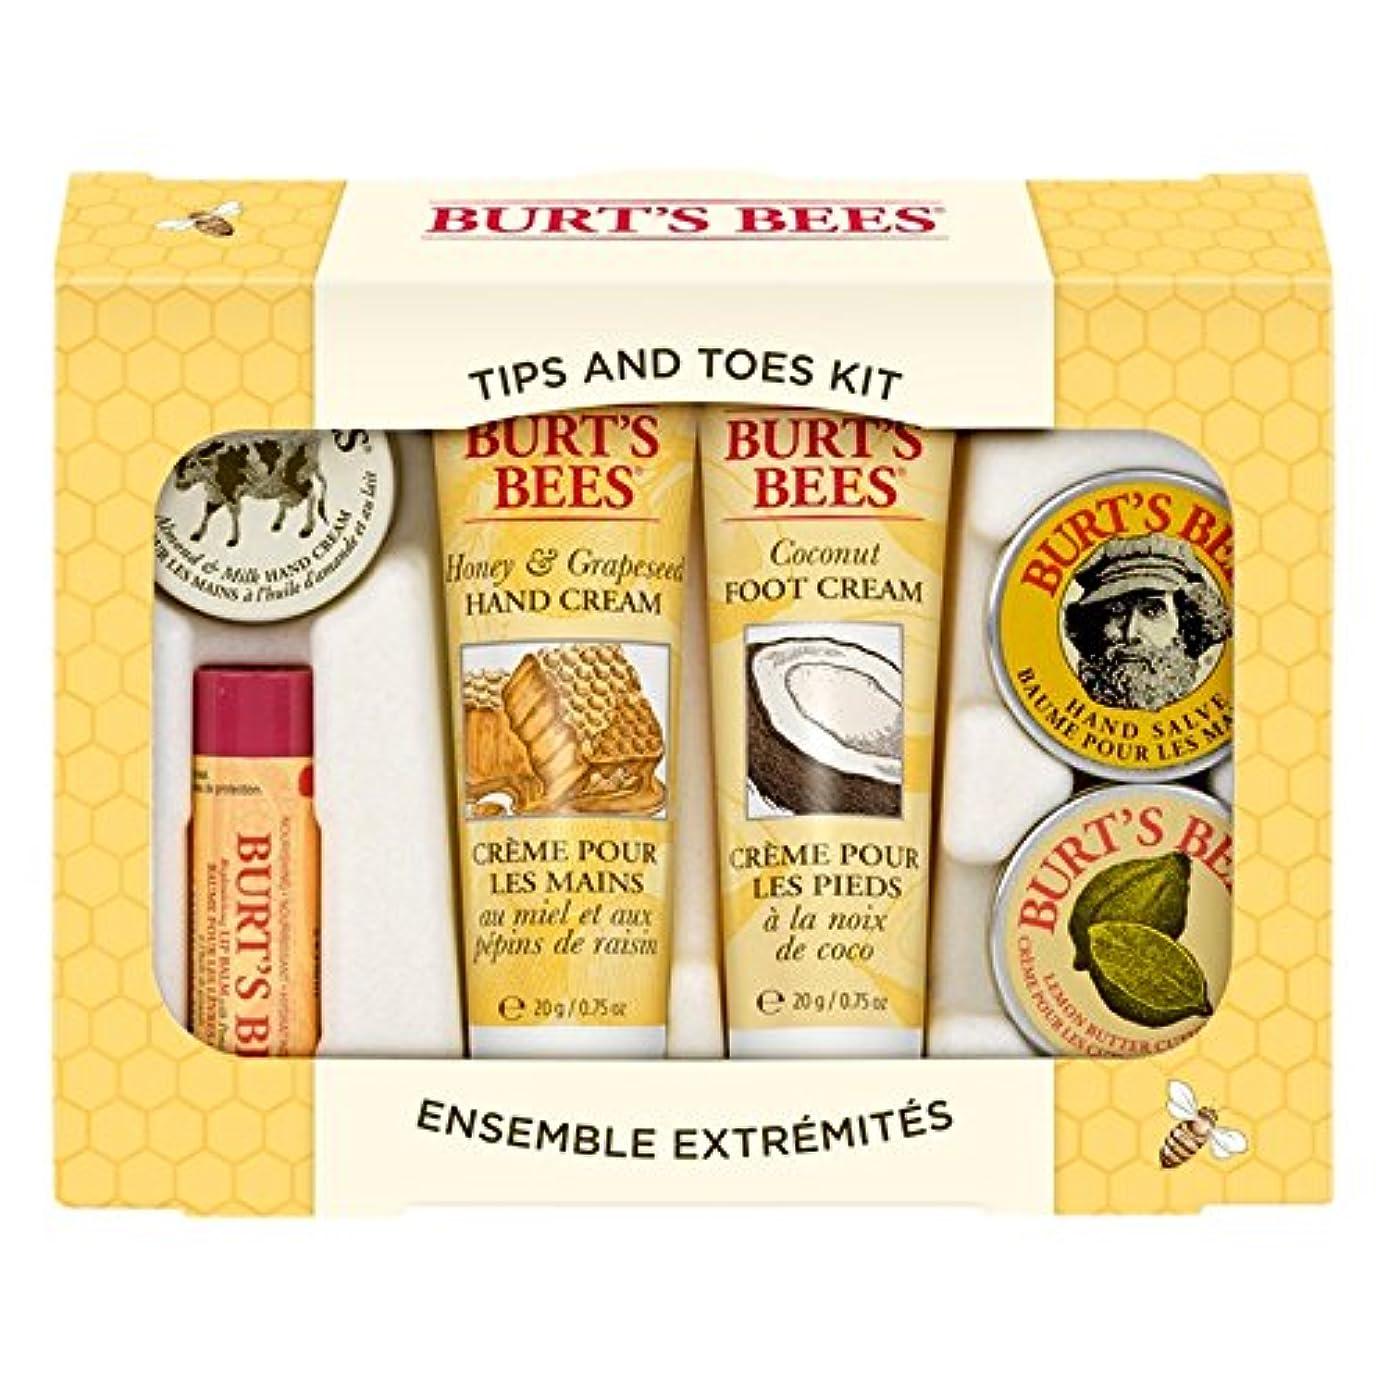 前書きティーム手当バーツビーのヒントとつま先はスターターキットをスキンケア (Burt's Bees) (x6) - Burt's Bees Tips And Toes Skincare Starter Kit (Pack of 6) [...